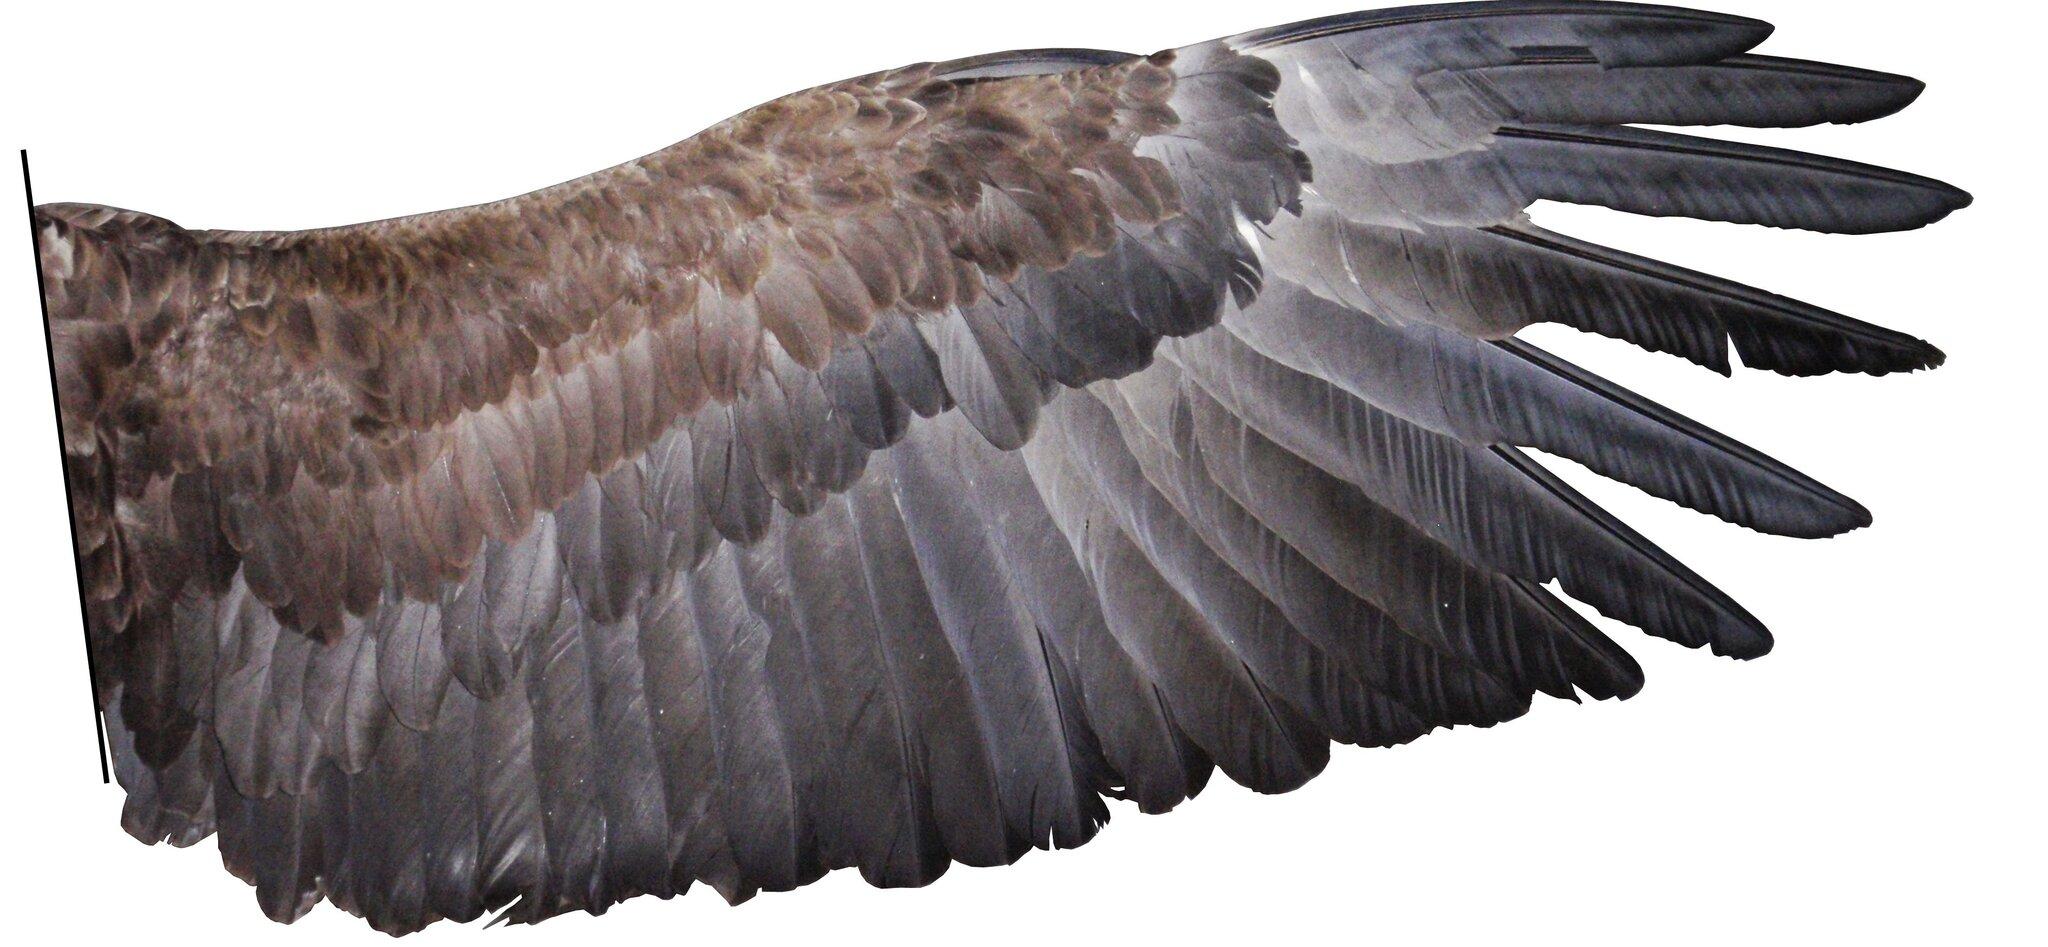 Skrzydło orła bielika Skrzydło orła bielika Źródło: Conty, licencja: CC BY-SA 3.0.